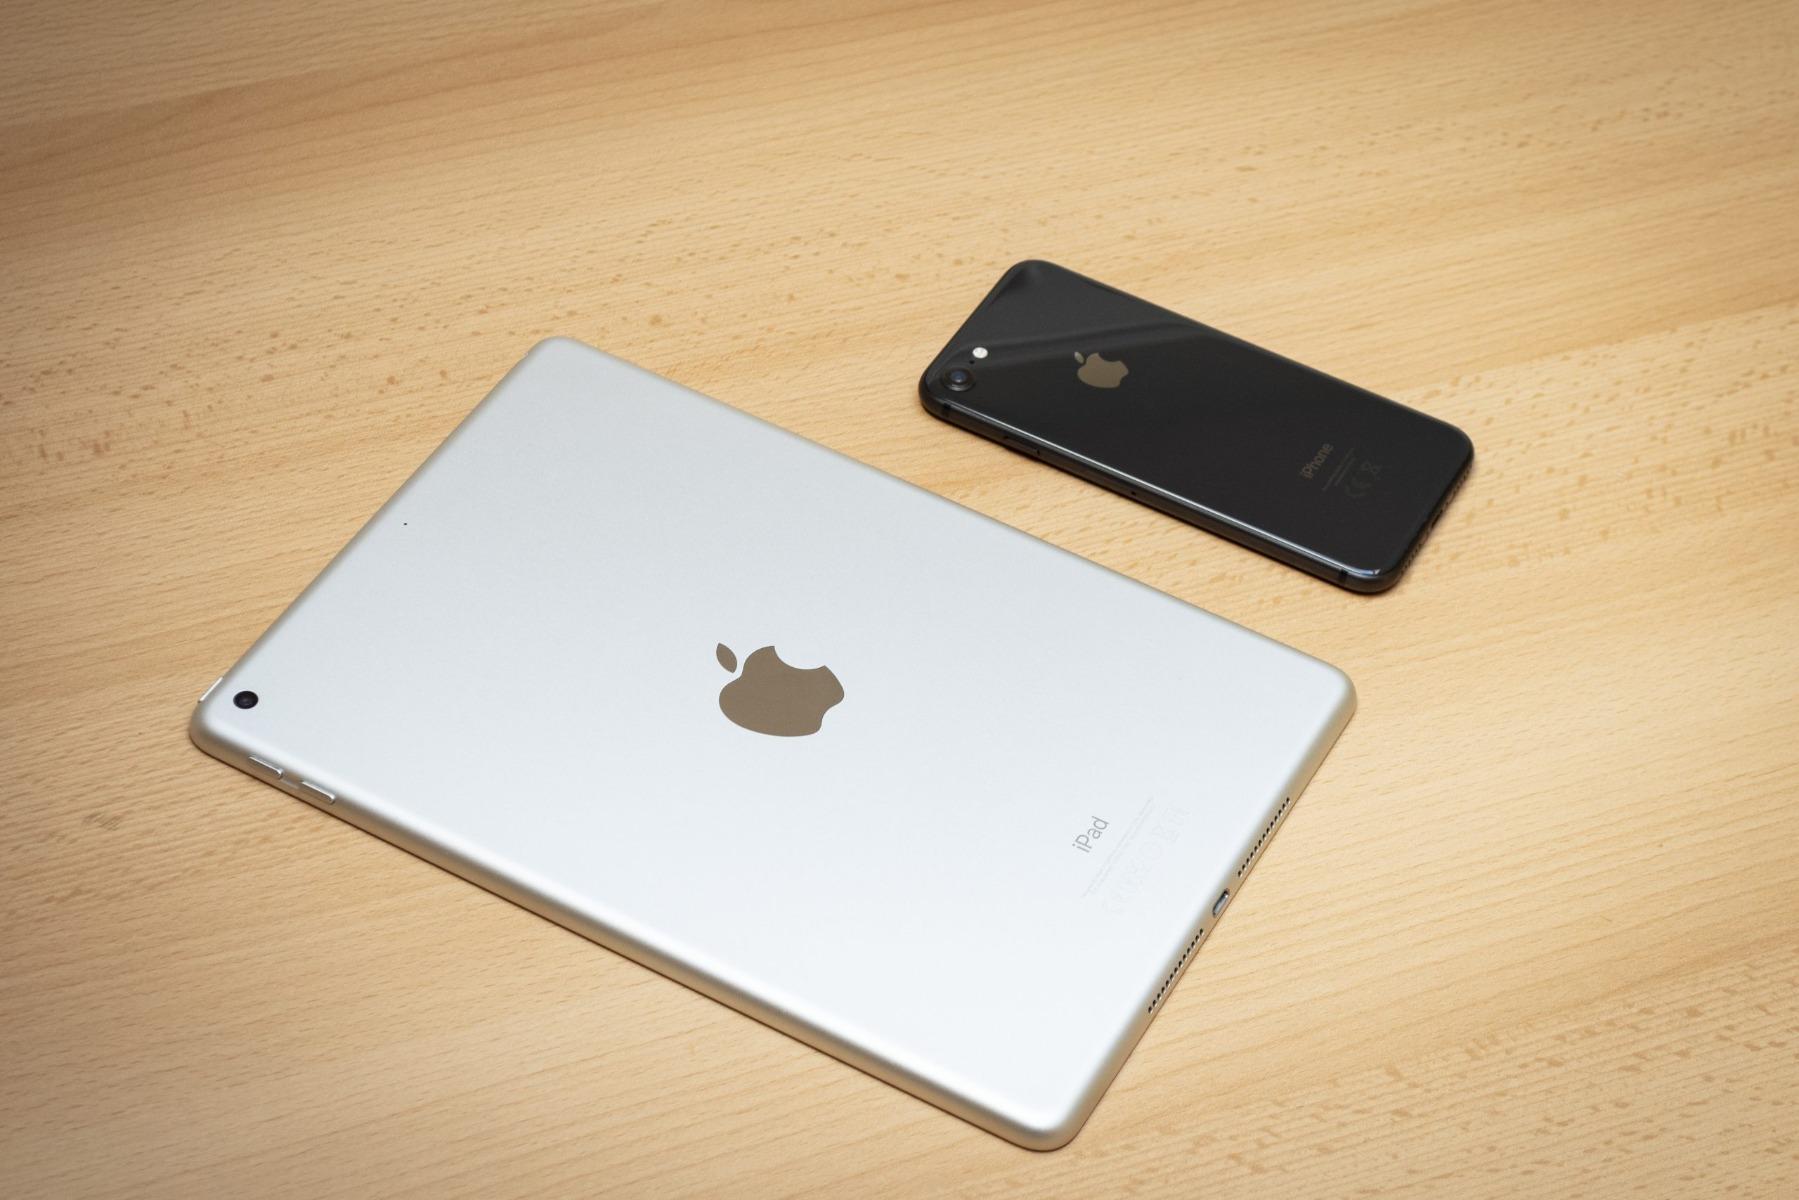 ipad 5 si un iphone pe birou de lemn